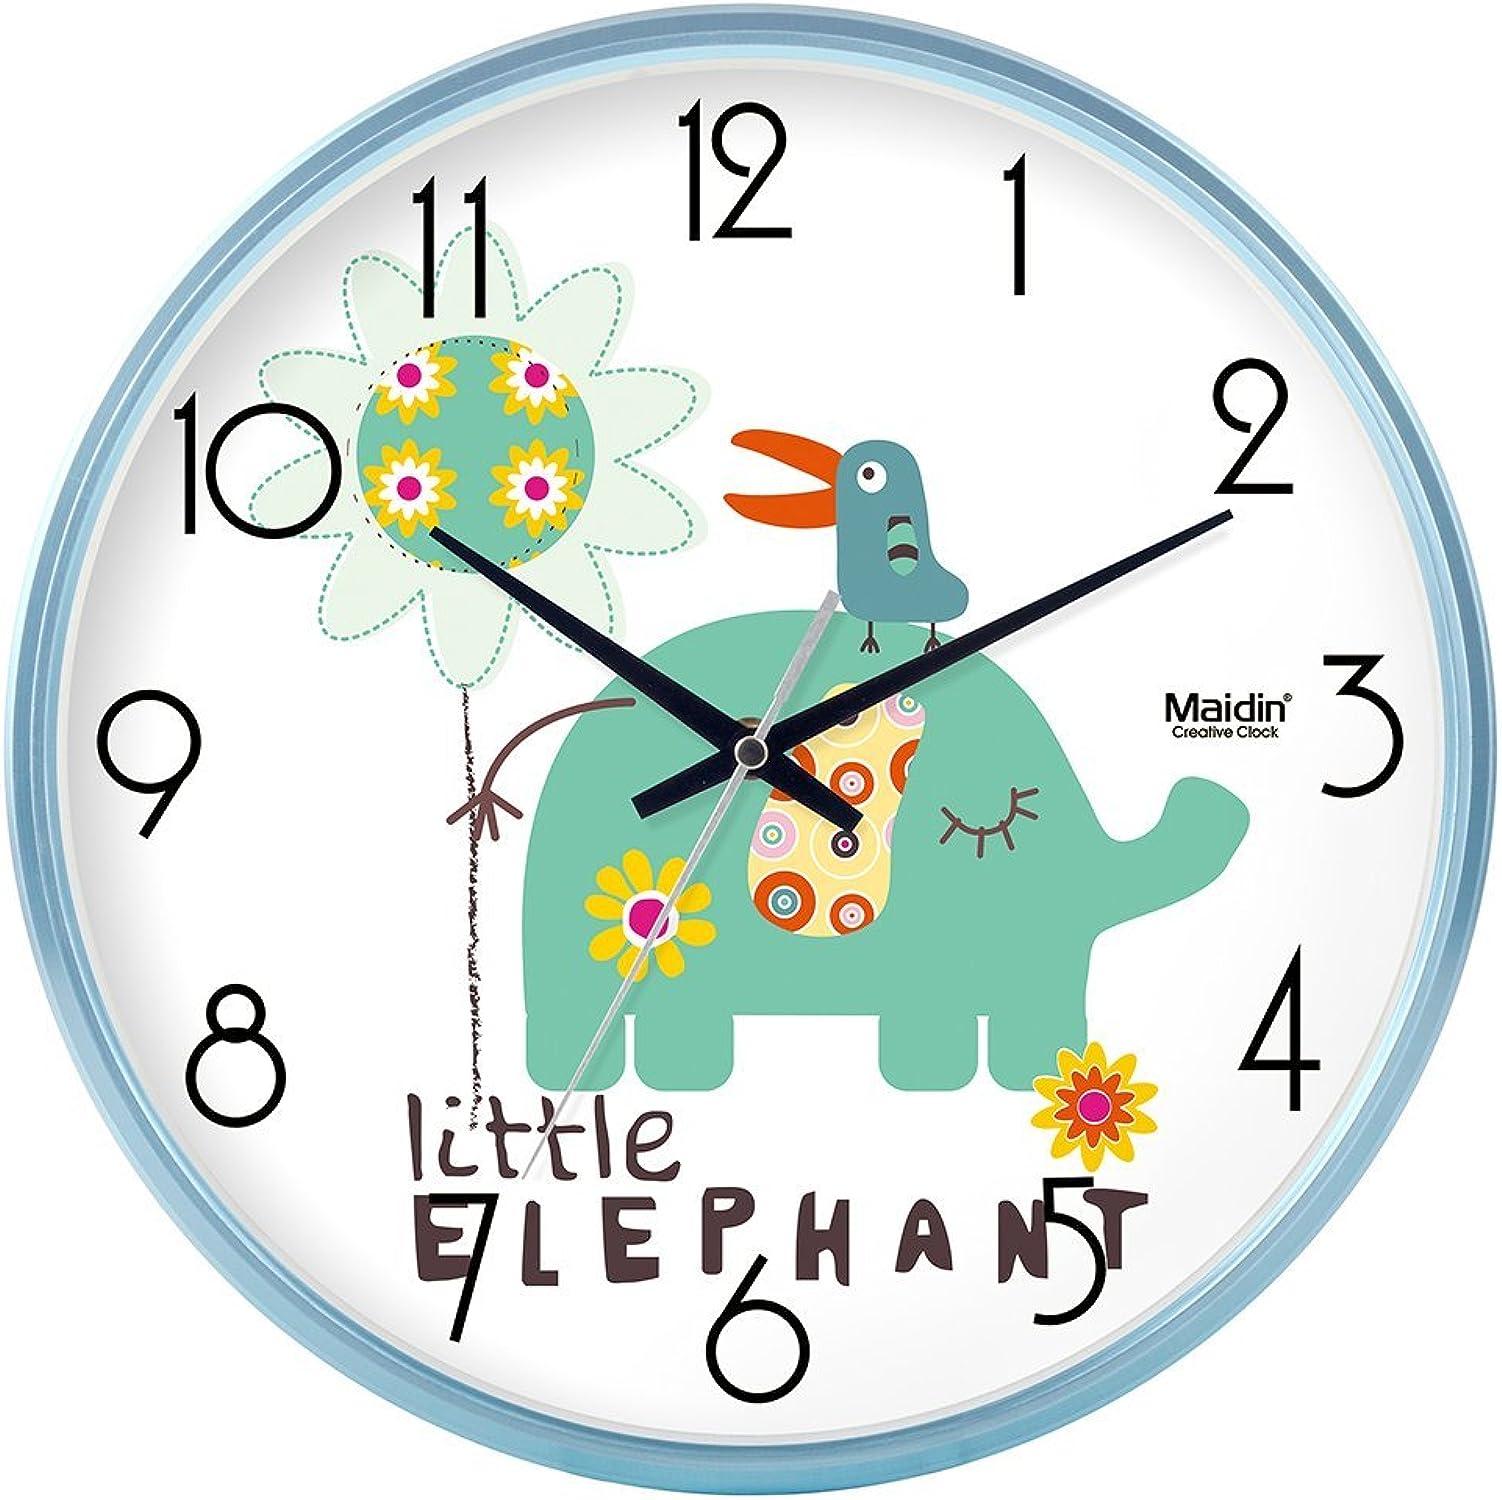 precios bajos Komo silencioso Moderno Decoración Adorno para para para Hogar Reloj de Parojo Sala Minimalista Reloj de Cuarzo Creativa 12pulgadas Azul.Basic  venta al por mayor barato